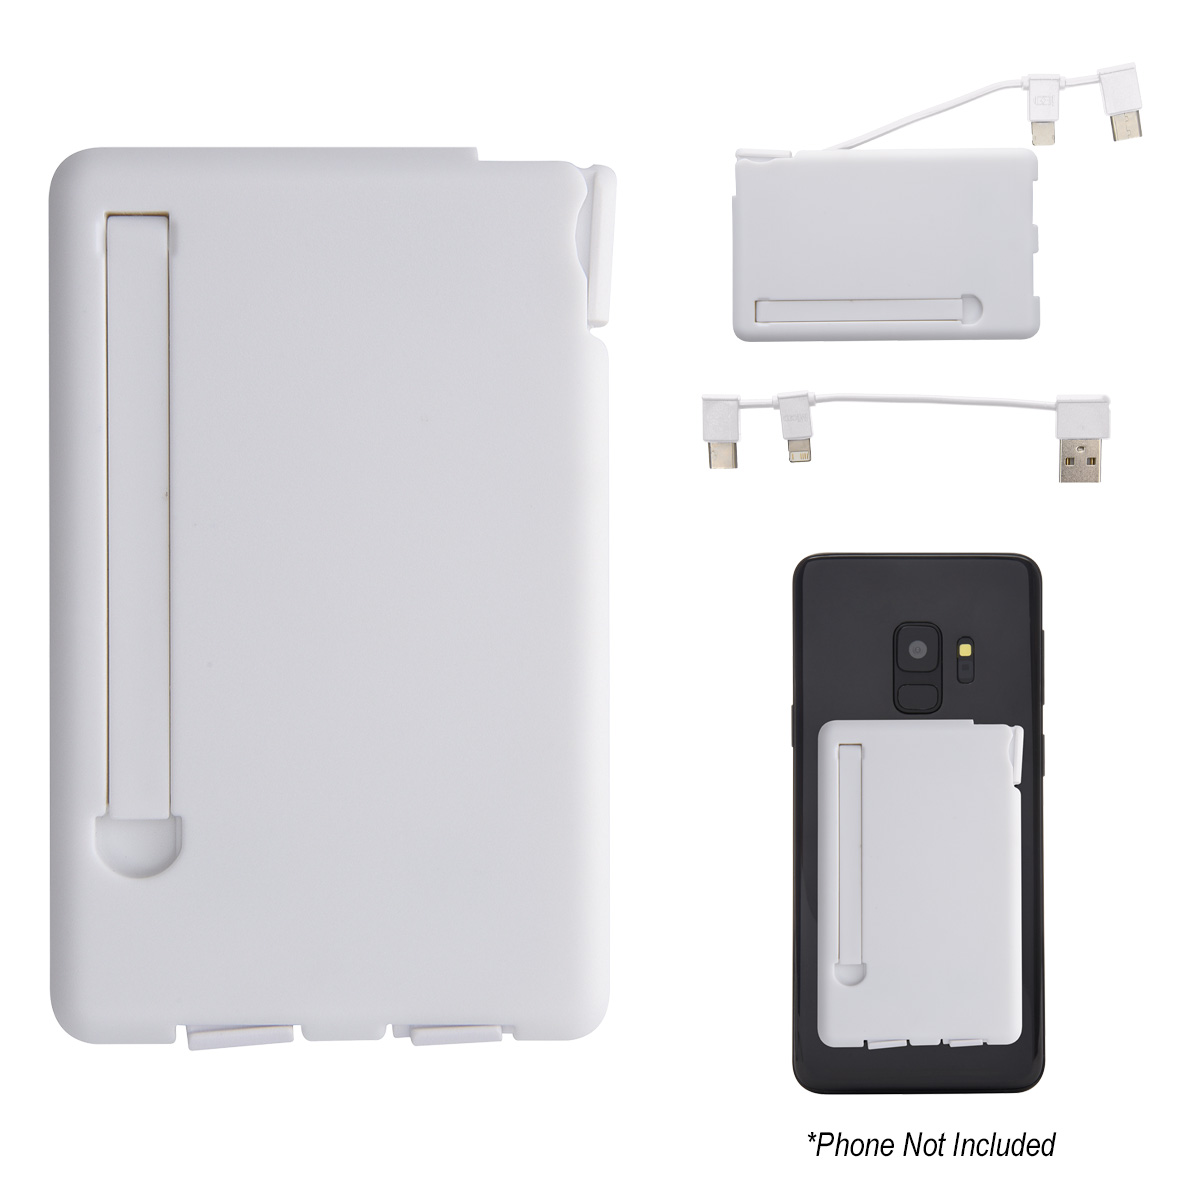 2491 - Soporte Adherible para Teléfono con Cable de Carga 3 en 1